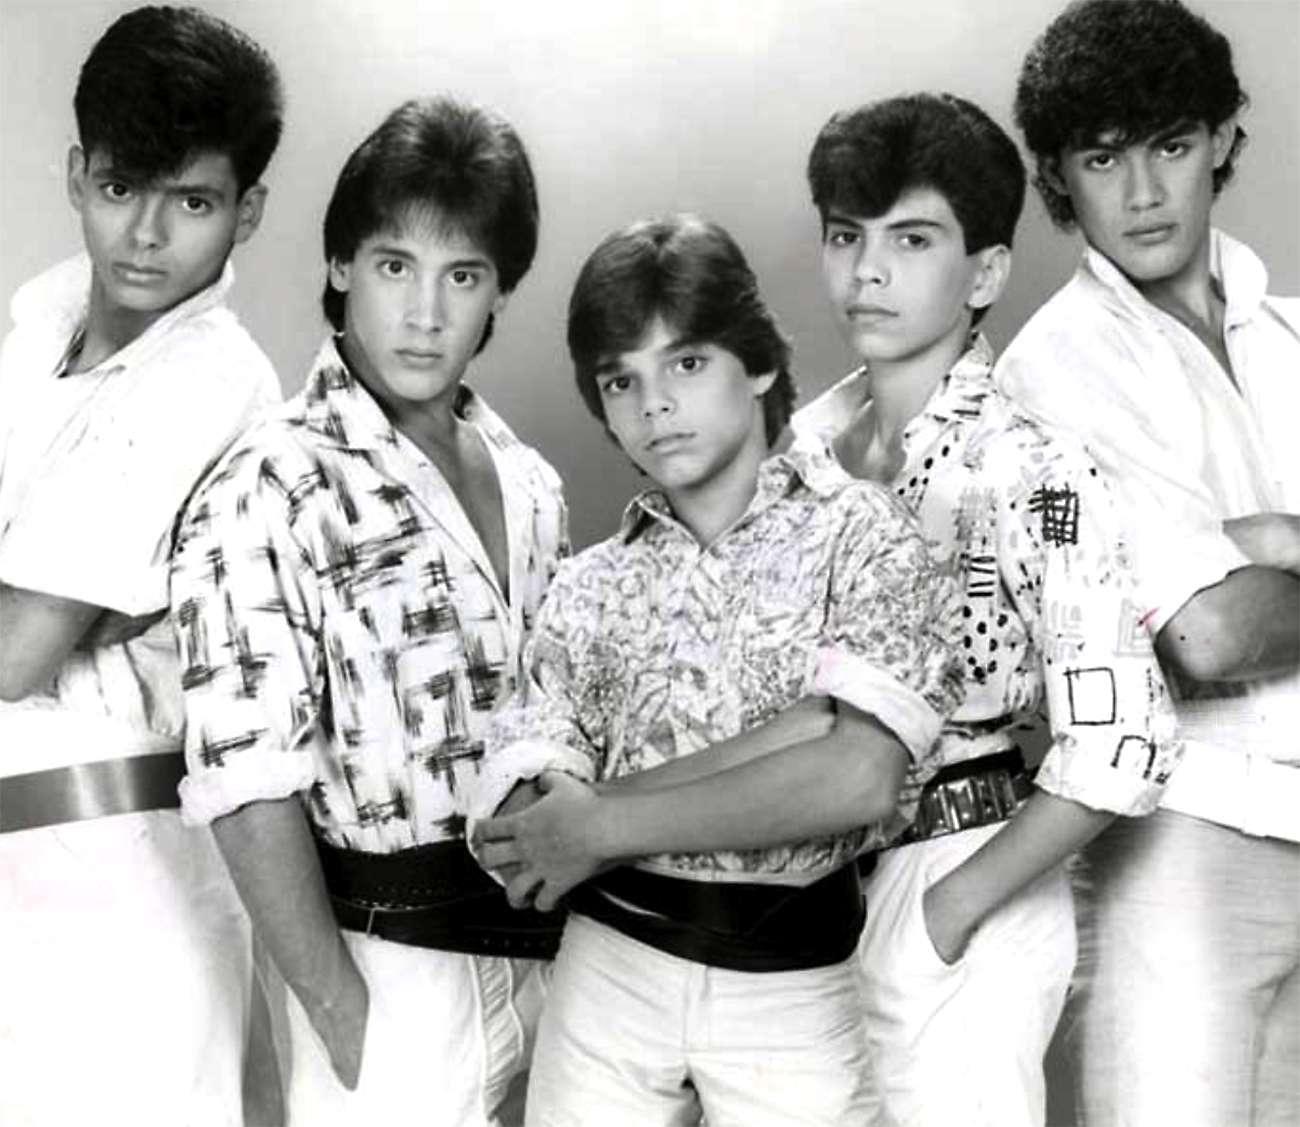 Ray en sus días como integrante del grupo Menudo, al lado de Ricky Martin, Charlie y Robi. Foto: Mezcalent